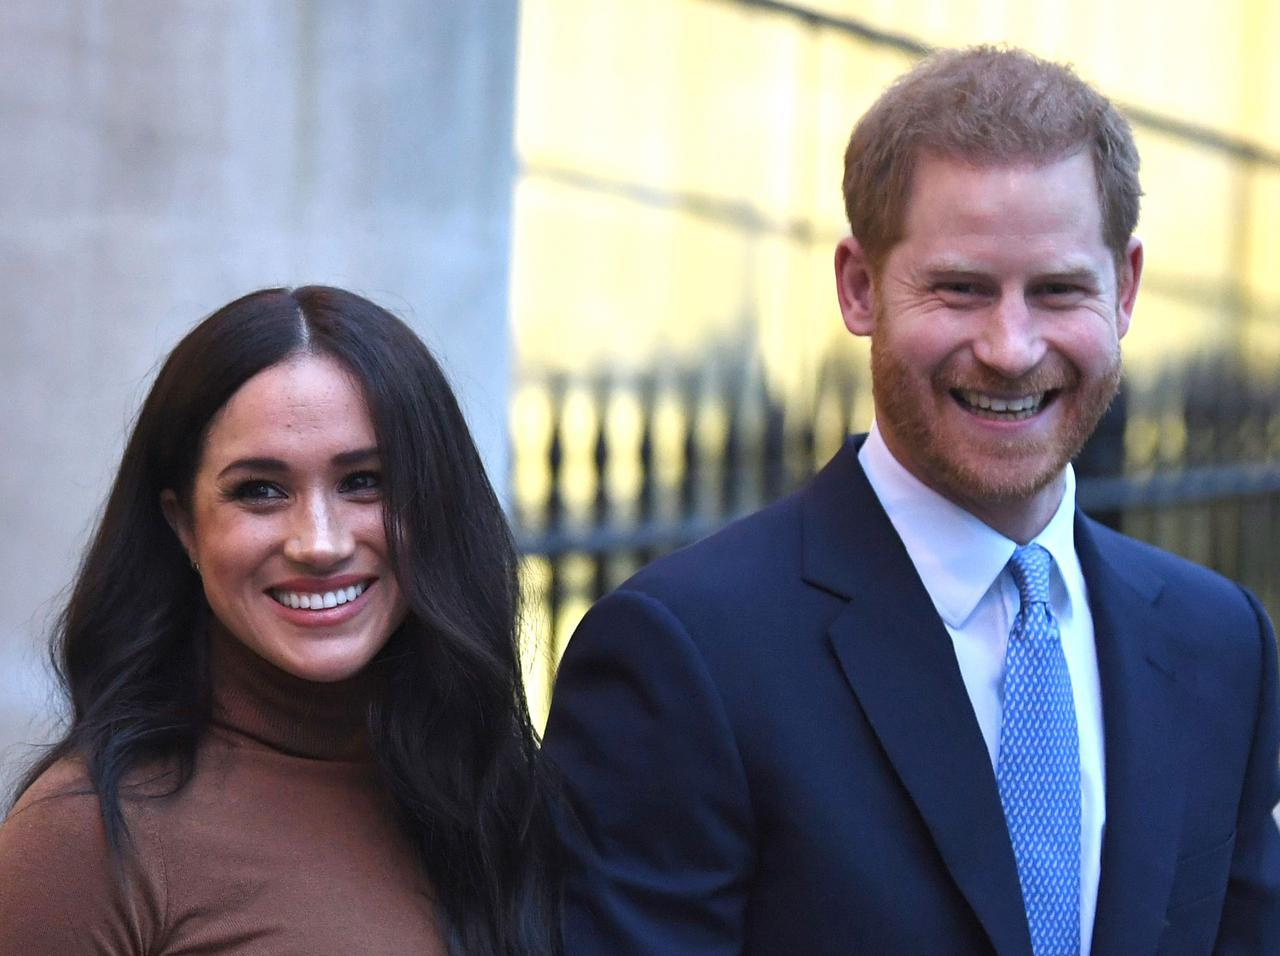 画像: 現在はカナダにいるヘンリー王子とメーガン妃